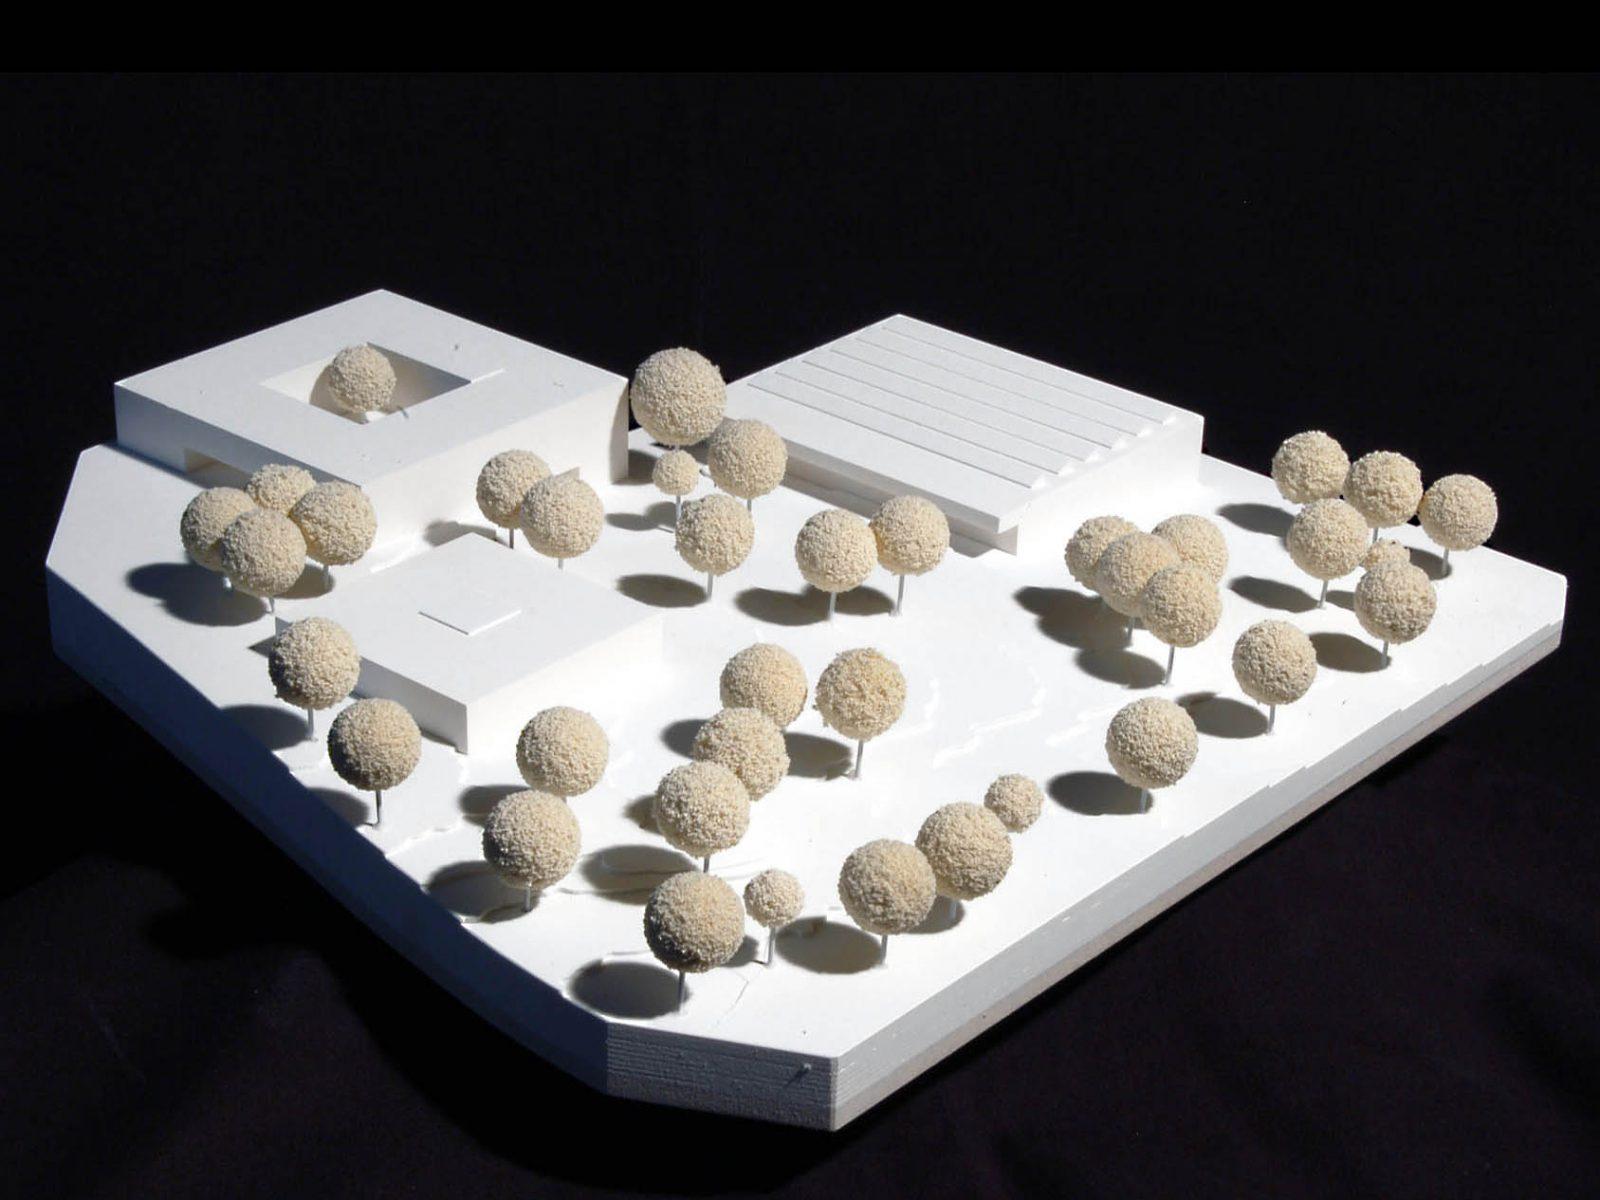 Modell-Wettbewerb-Grundschule Bad Soden-4.Preis-2011-© Friedrich-Poerschke-Zwink-Architekten